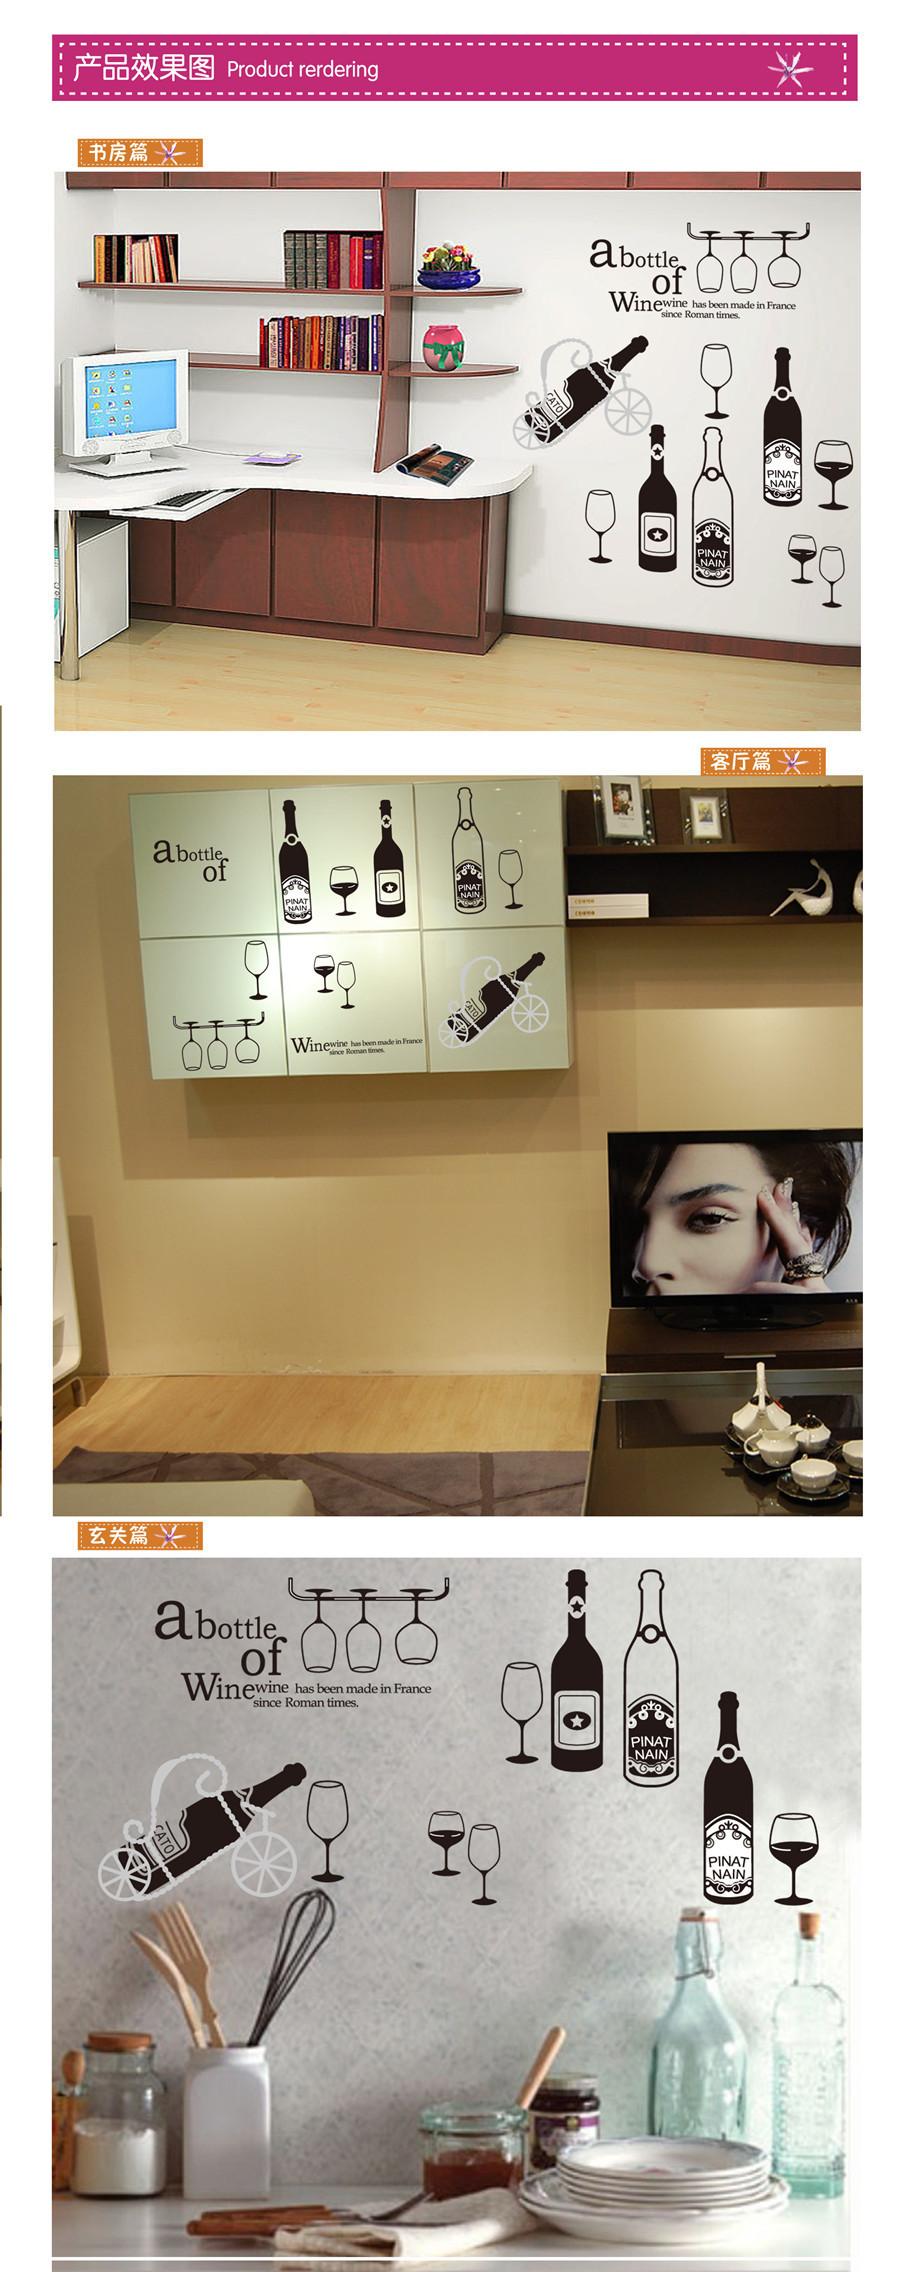 Adesivi decorativi pareti adesivi decorativi per pareti - Bordi adesivi per camerette ...